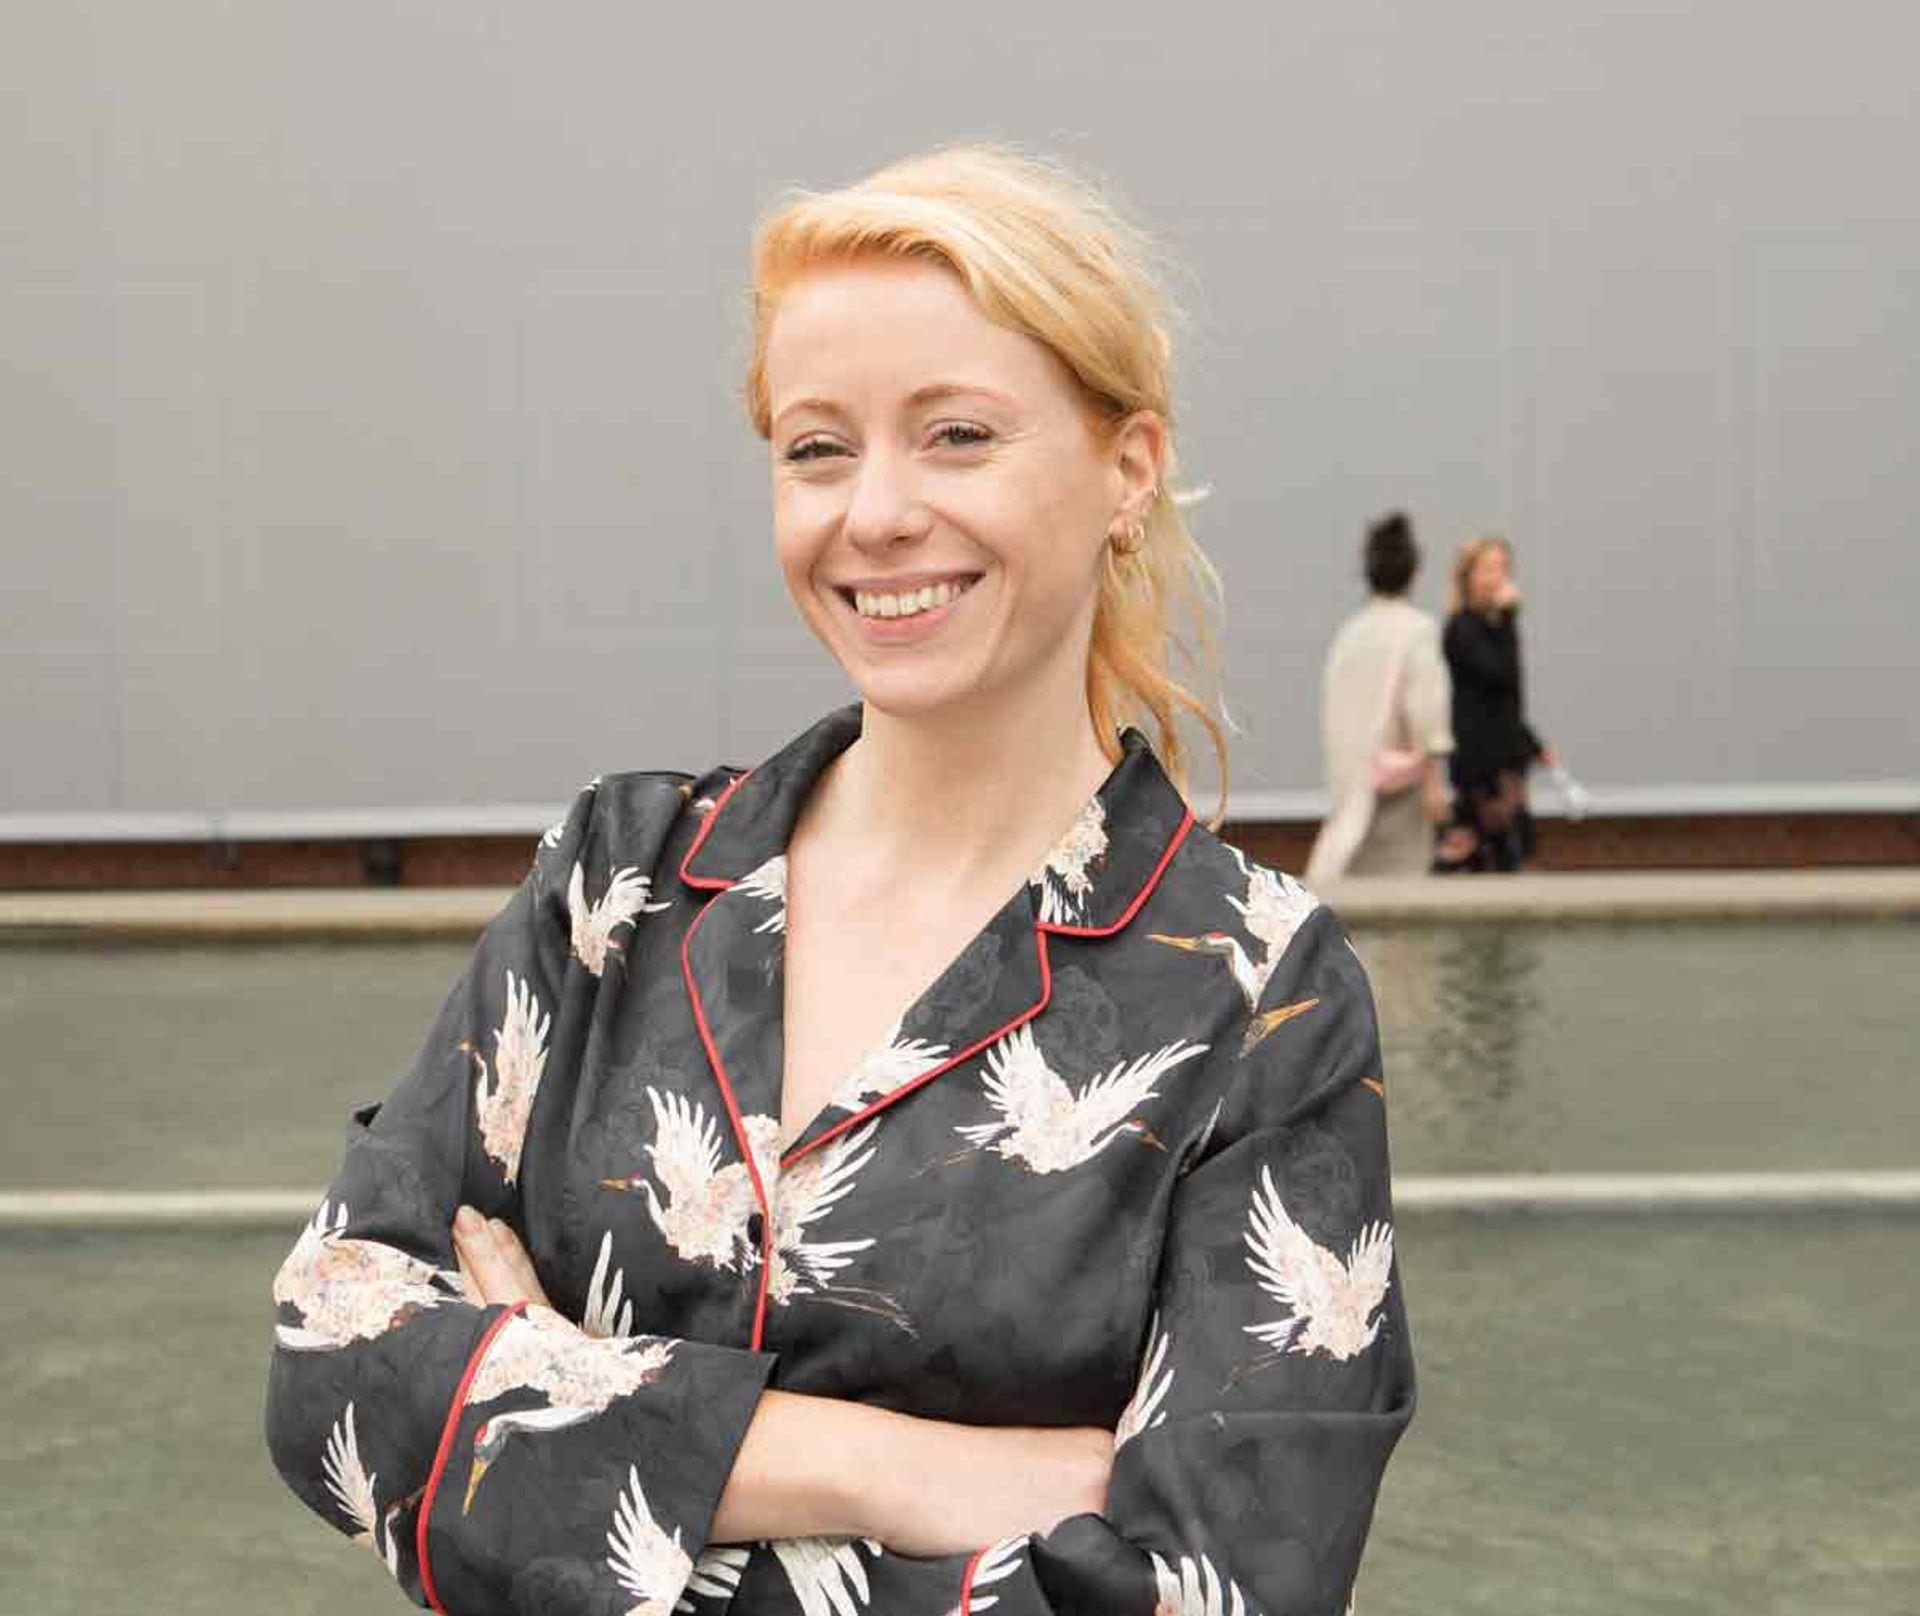 Anny Shaw www.david-owens.co.uk